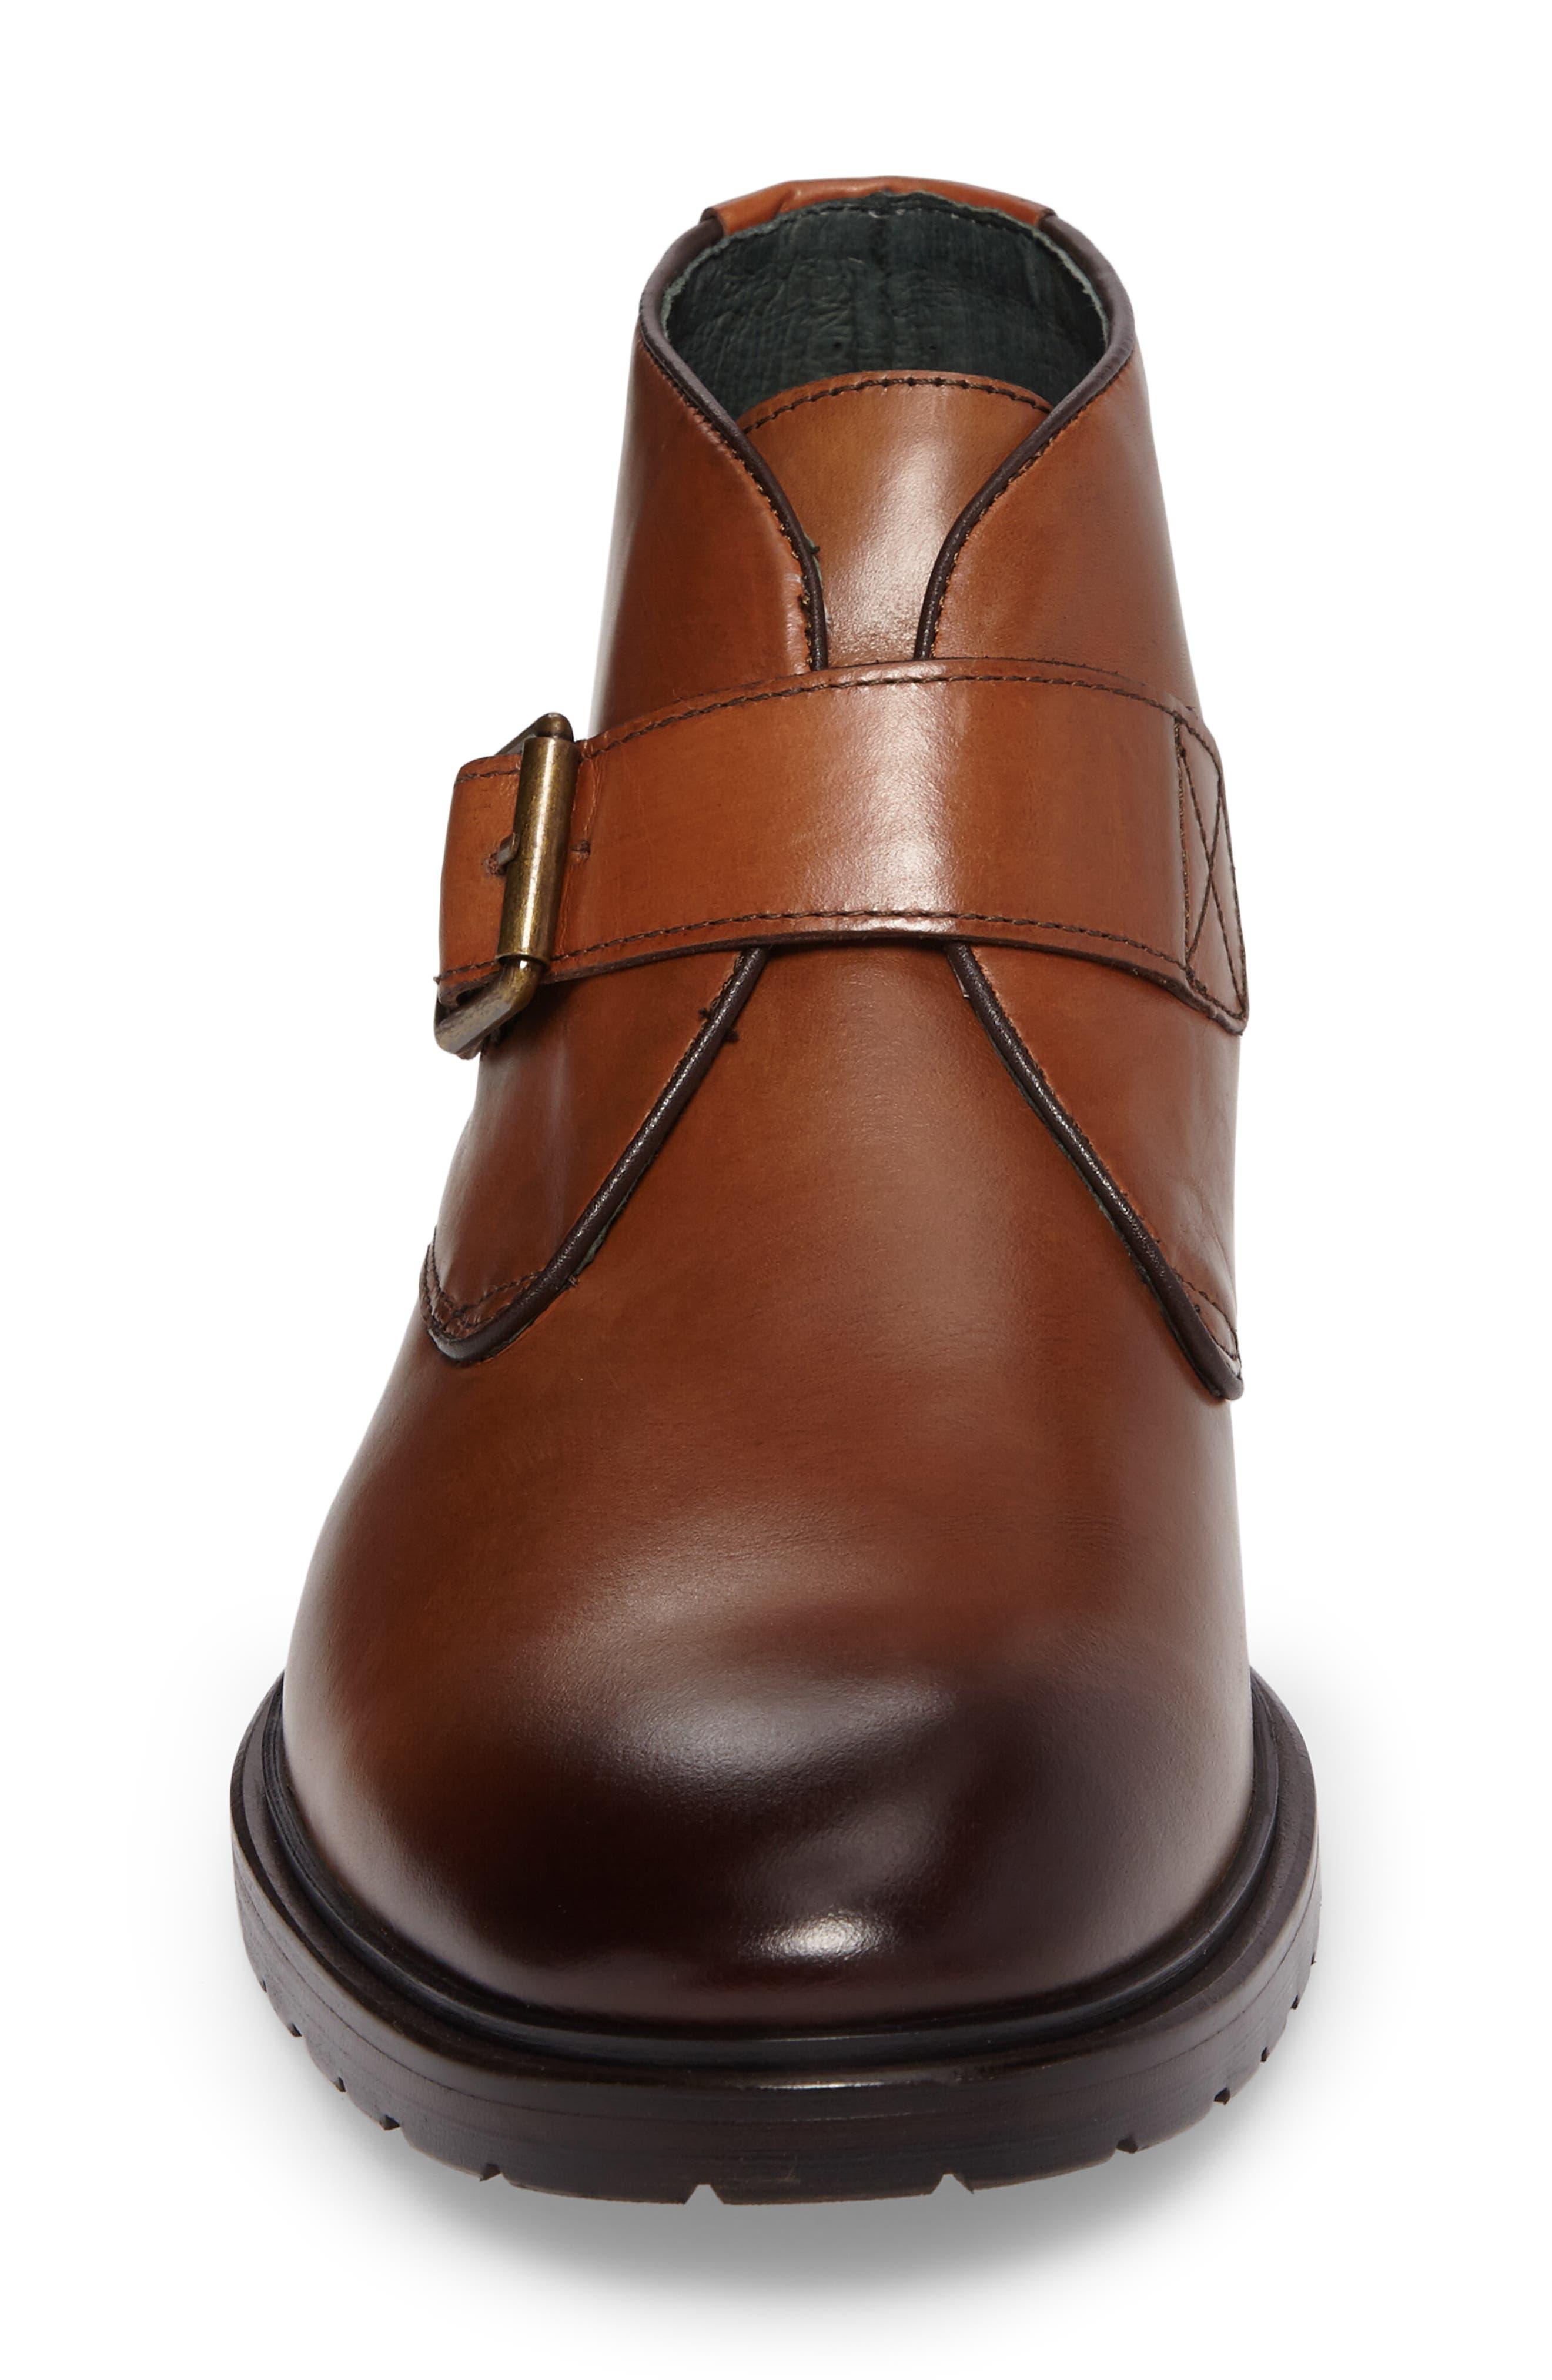 Myles Monk Strap Boot,                             Alternate thumbnail 4, color,                             Cognac Leather